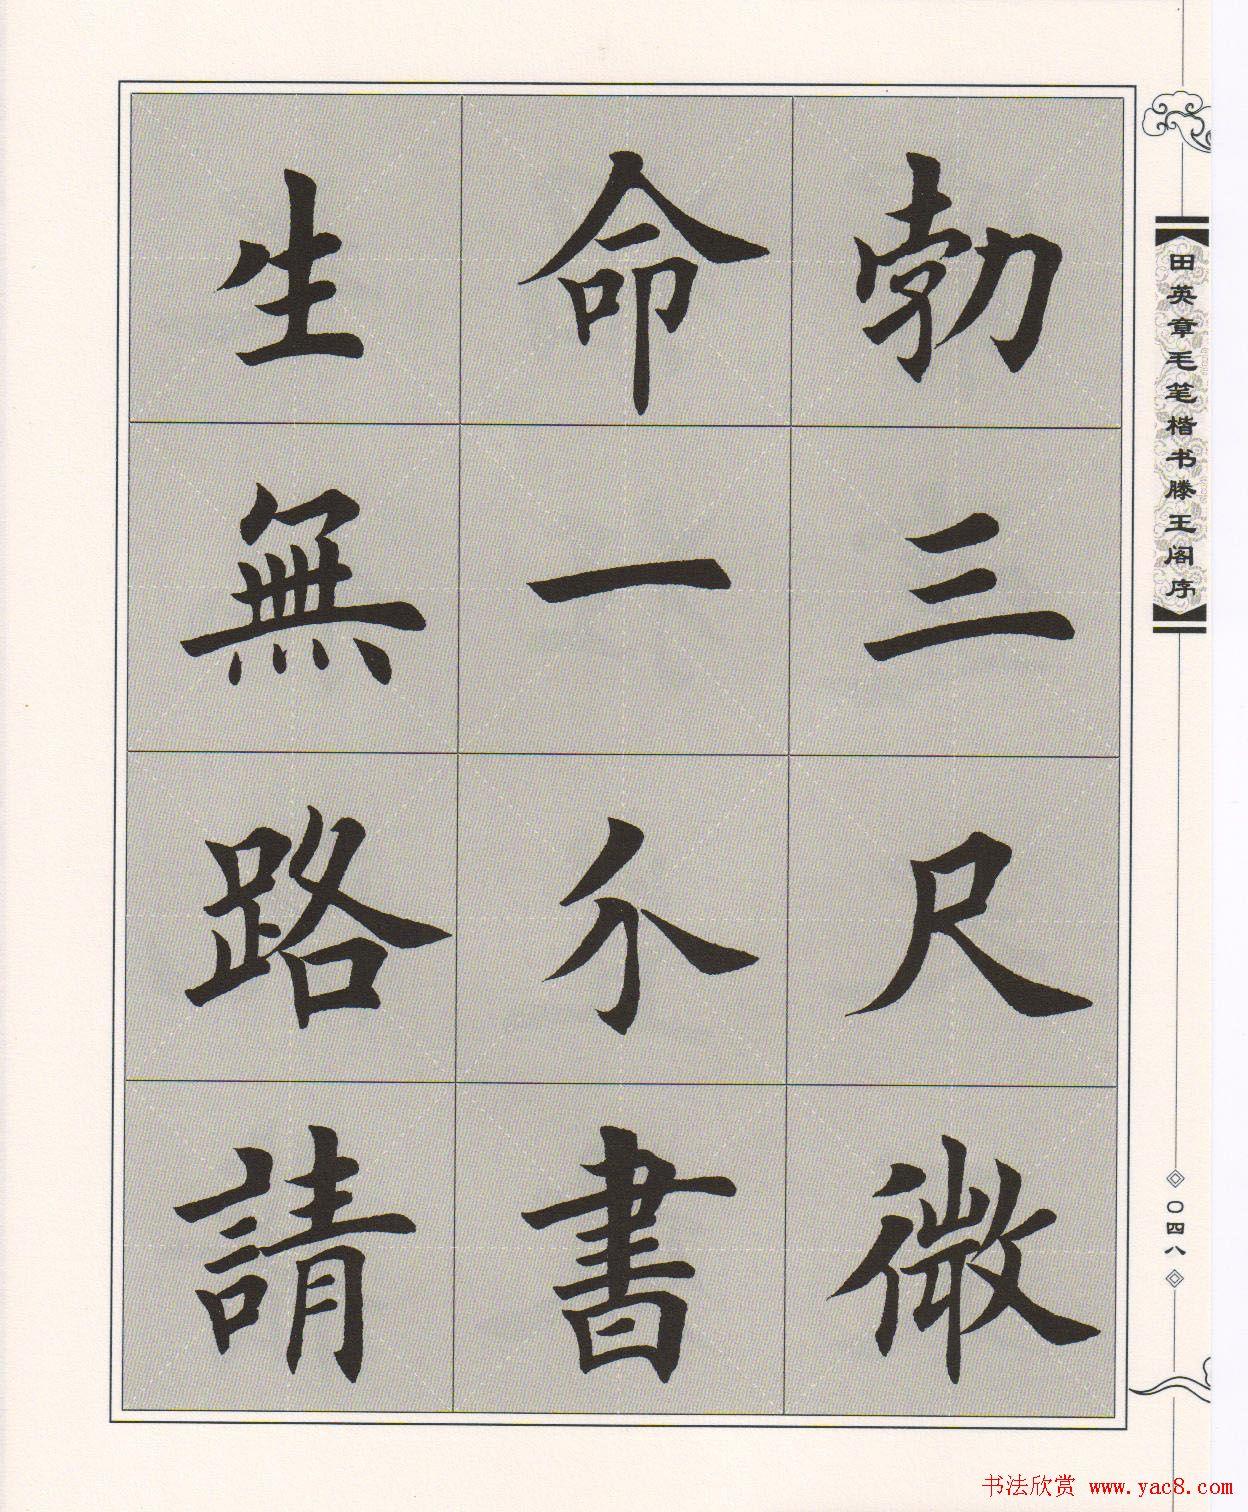 《赵孟頫行书墨迹集字古诗》 11-20 翁方纲《楷书心经》书法作品欣赏图片